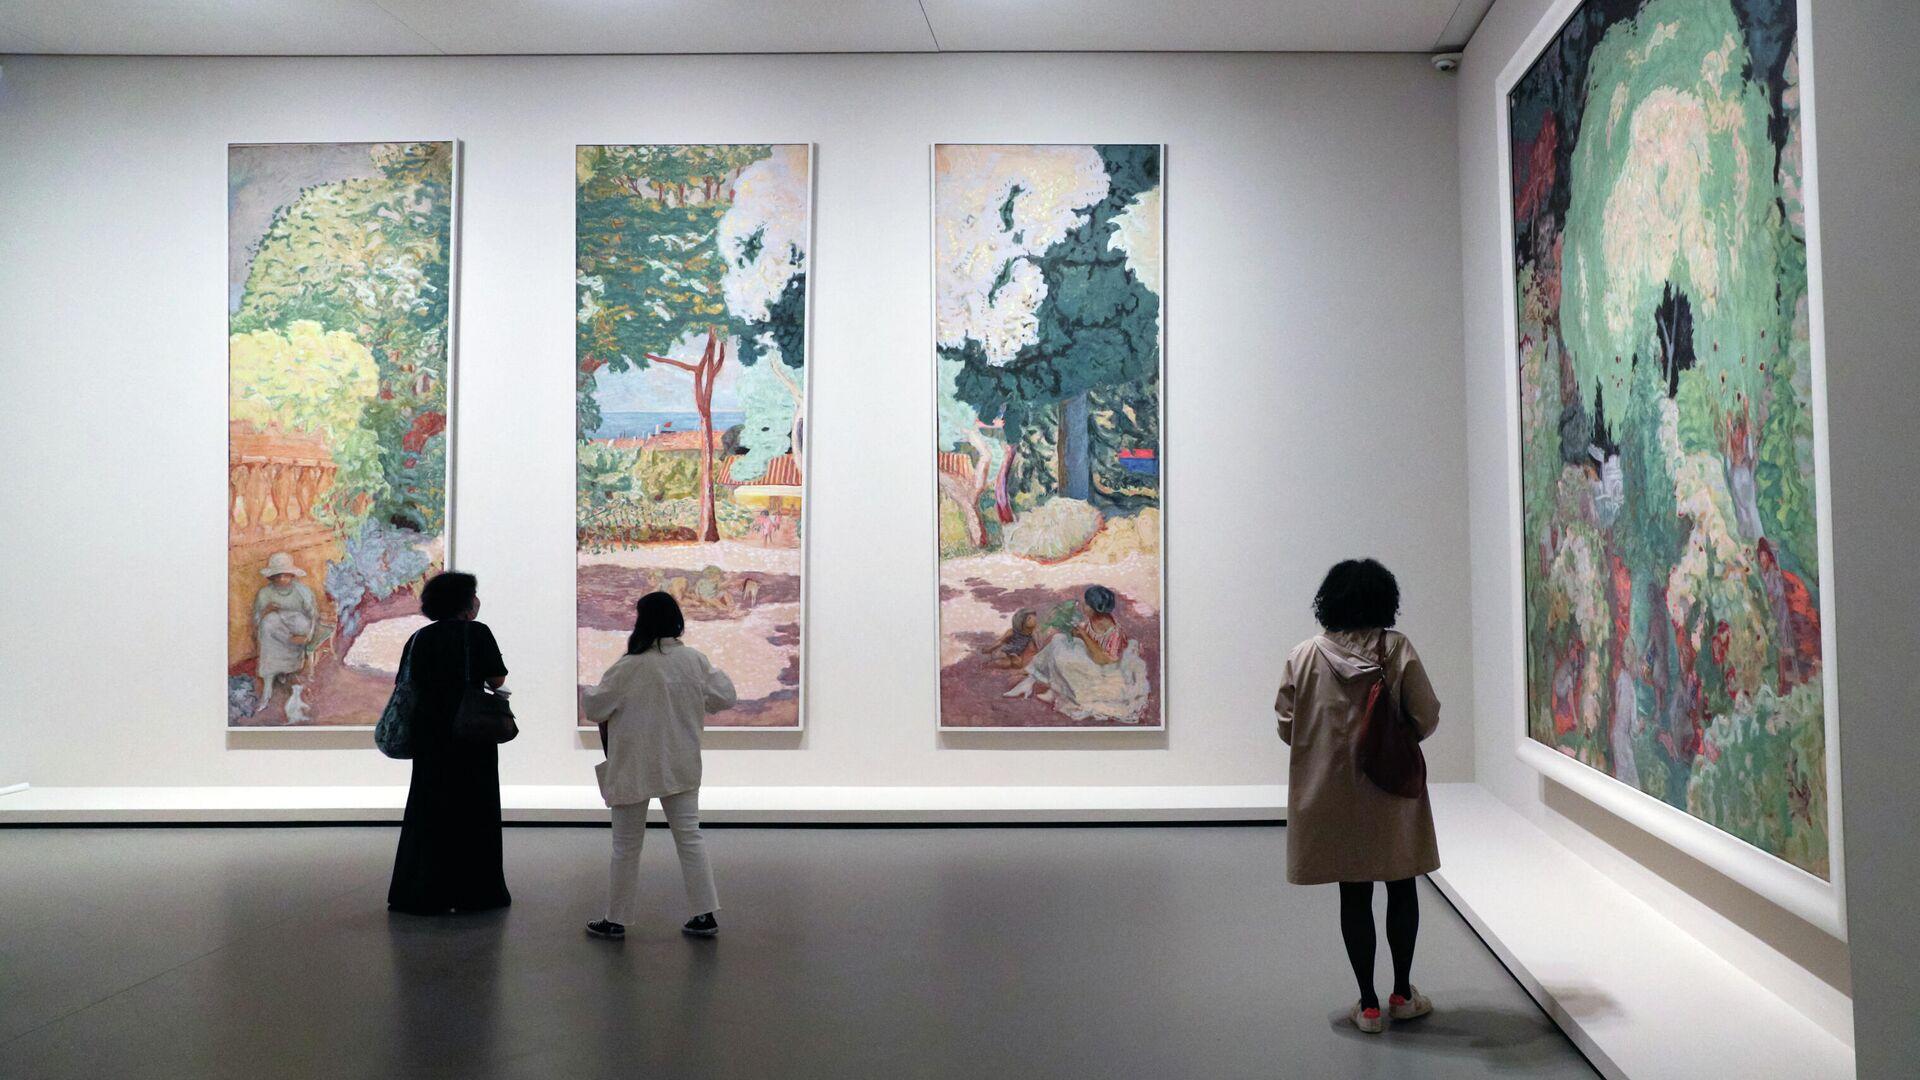 Посетители смотрят на картины французского художника Пьера Боннара во время пресс-показа выставки коллекции братьев Морозовых в Фонде Louis Vuitton в Париже - Sputnik Грузия, 1920, 22.09.2021